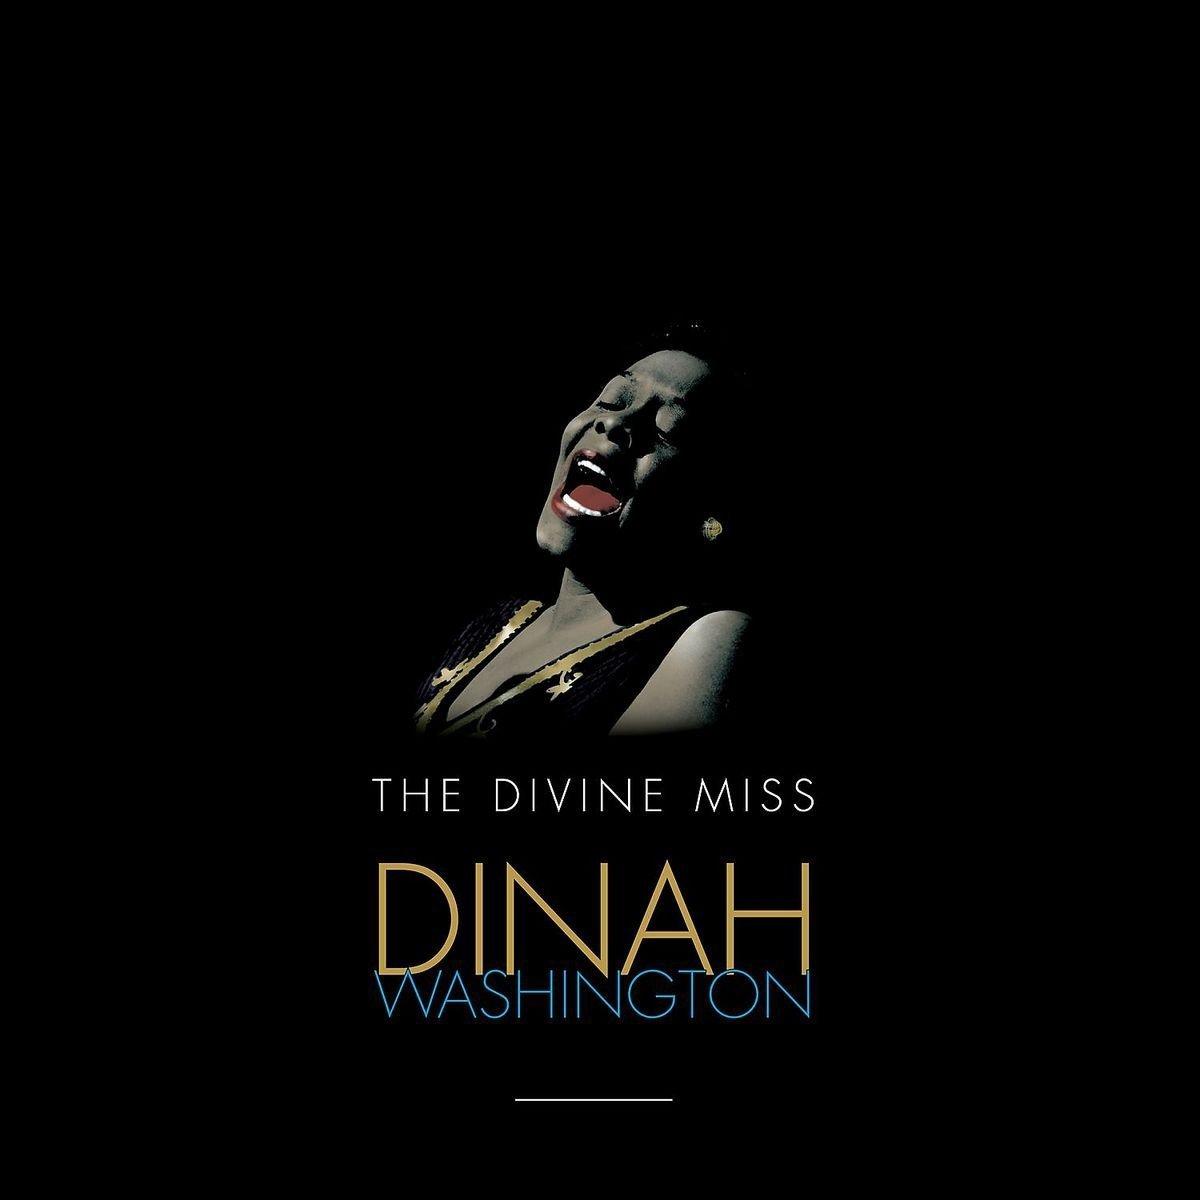 The Divine Miss Dinah Washington [5 LP]